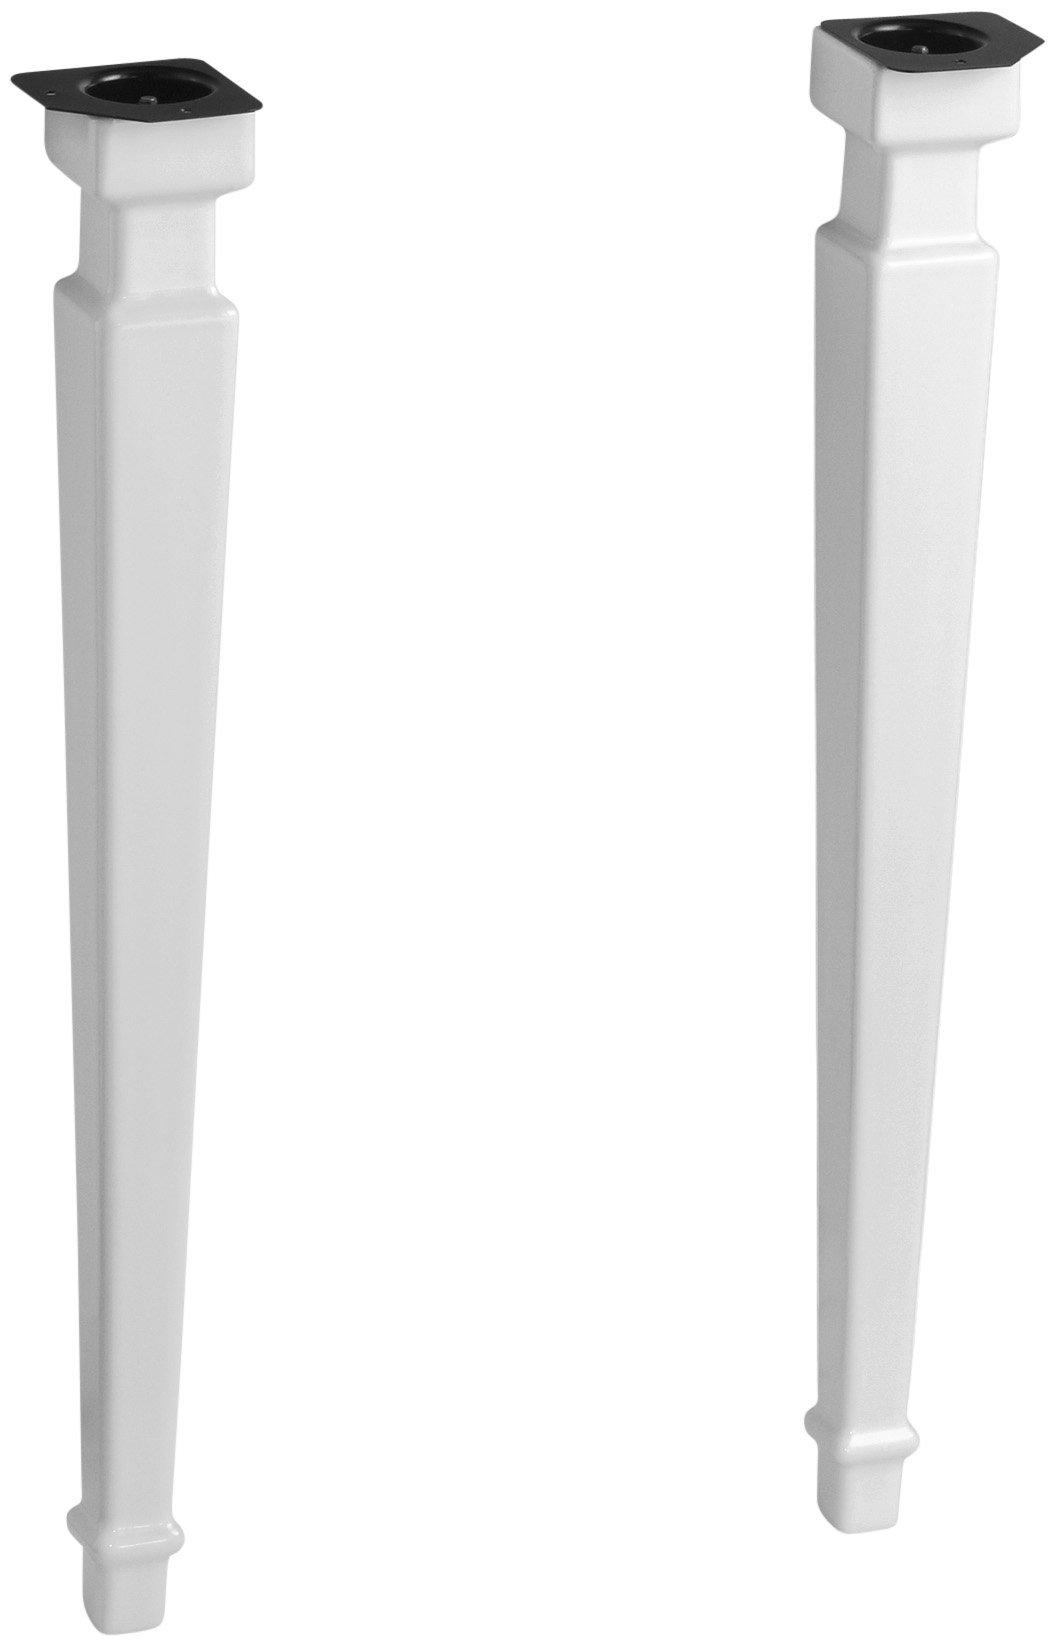 KOHLER K-2318-0 Kathryn Square Fireclay Legs, White by Kohler